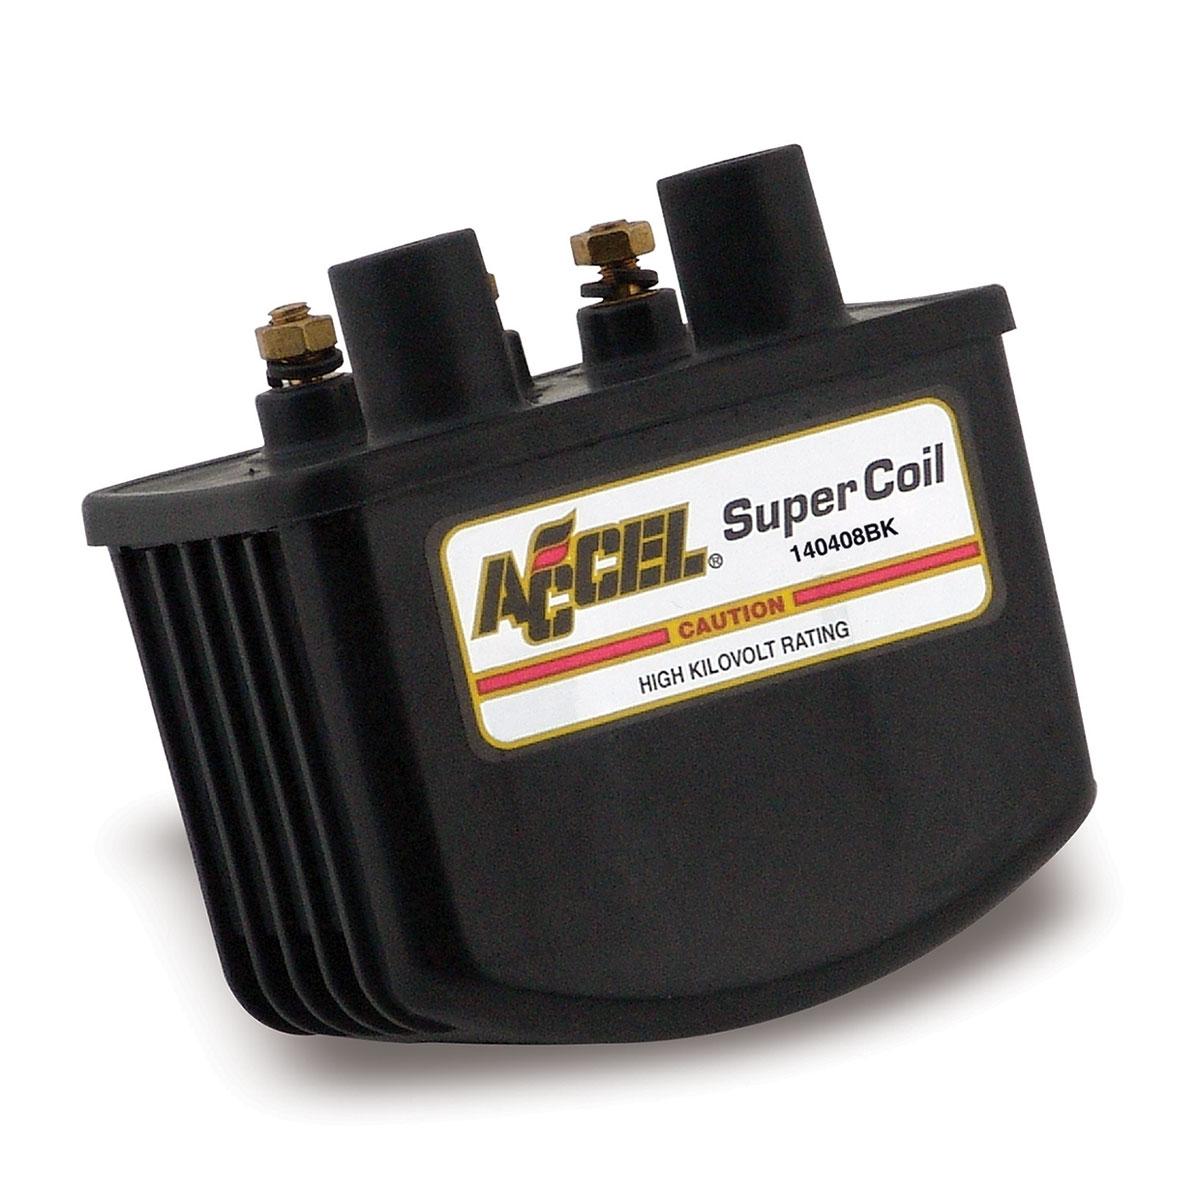 ACCEL Black Single Fire Super Coil